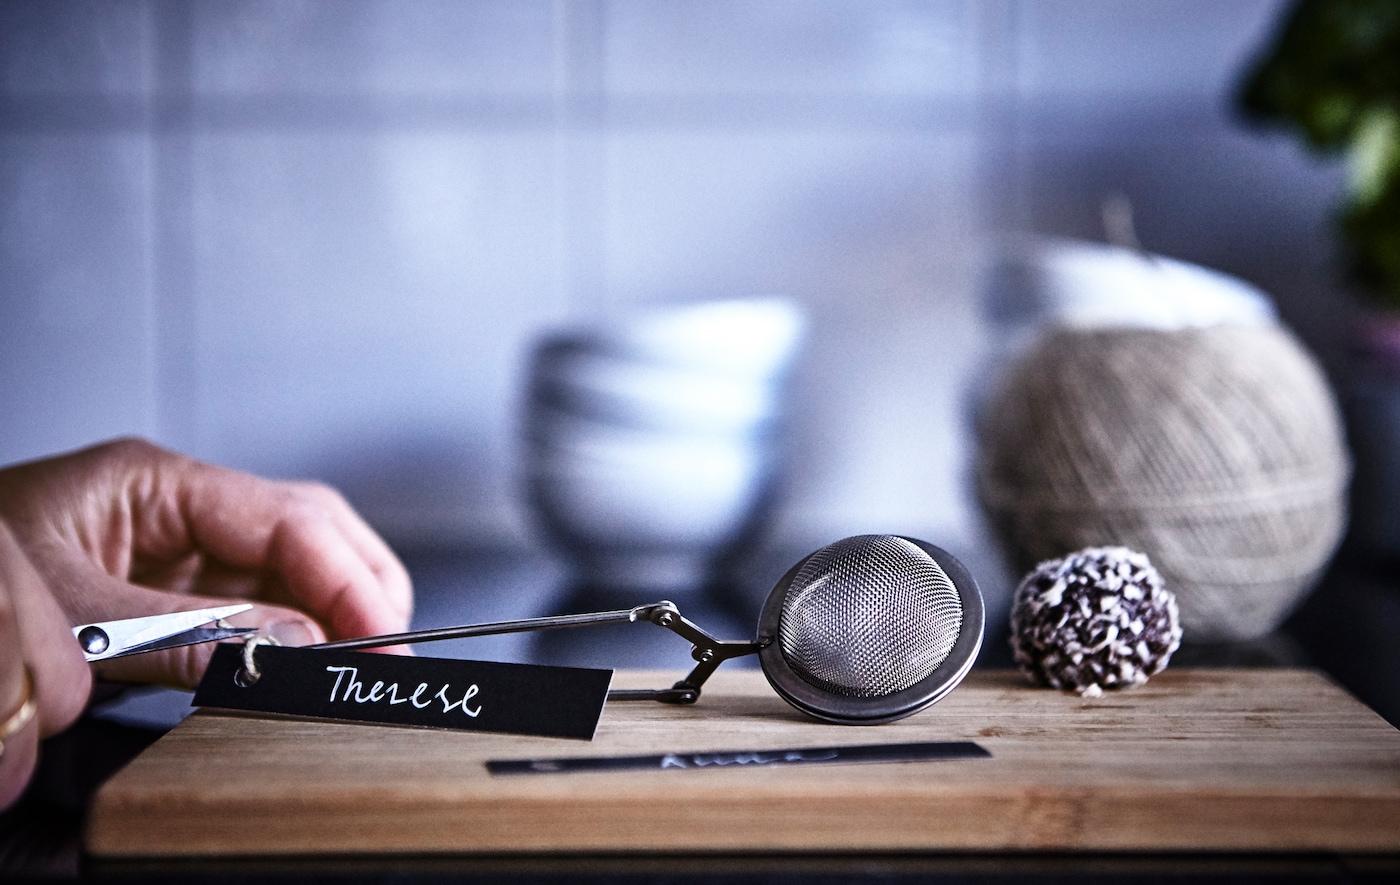 صورة مقرّبة لشخص يربط بطاقة اسم في مصفاة للشاي IDEALISK من ايكيا.